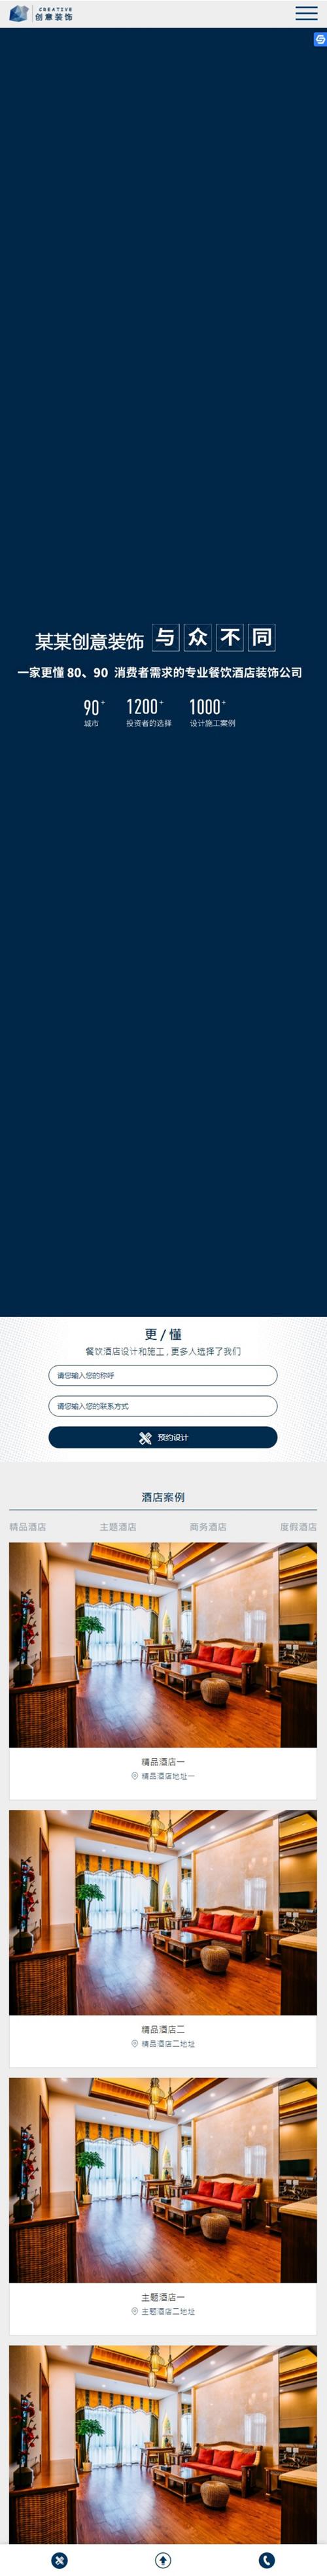 [自适应手机版]蓝色创意装饰设计网站源码 织梦dede模板 第2张